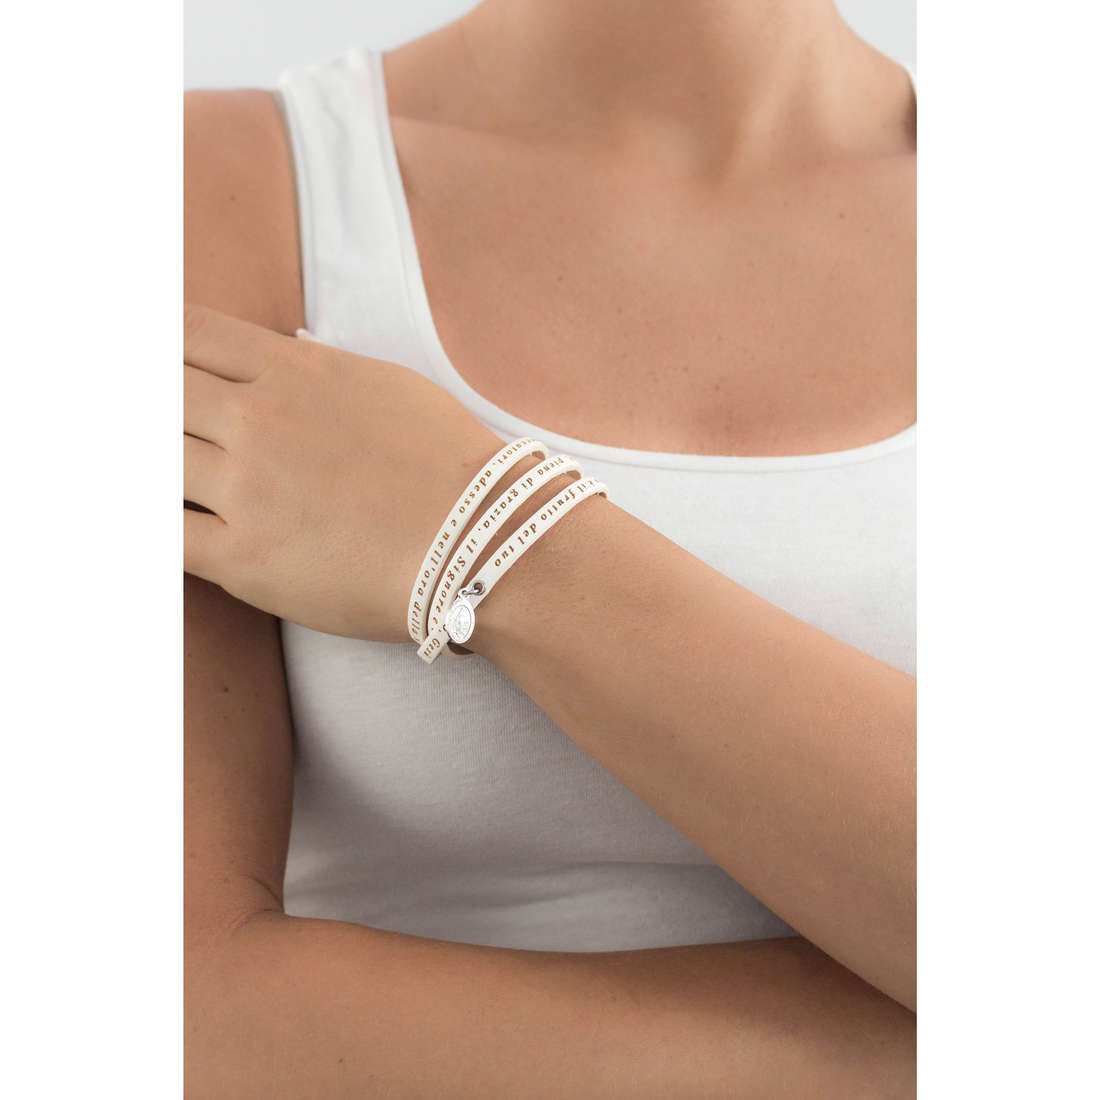 Amen bracelets Ave Maria Italiano femme AC-AMIT07-M-57 indosso